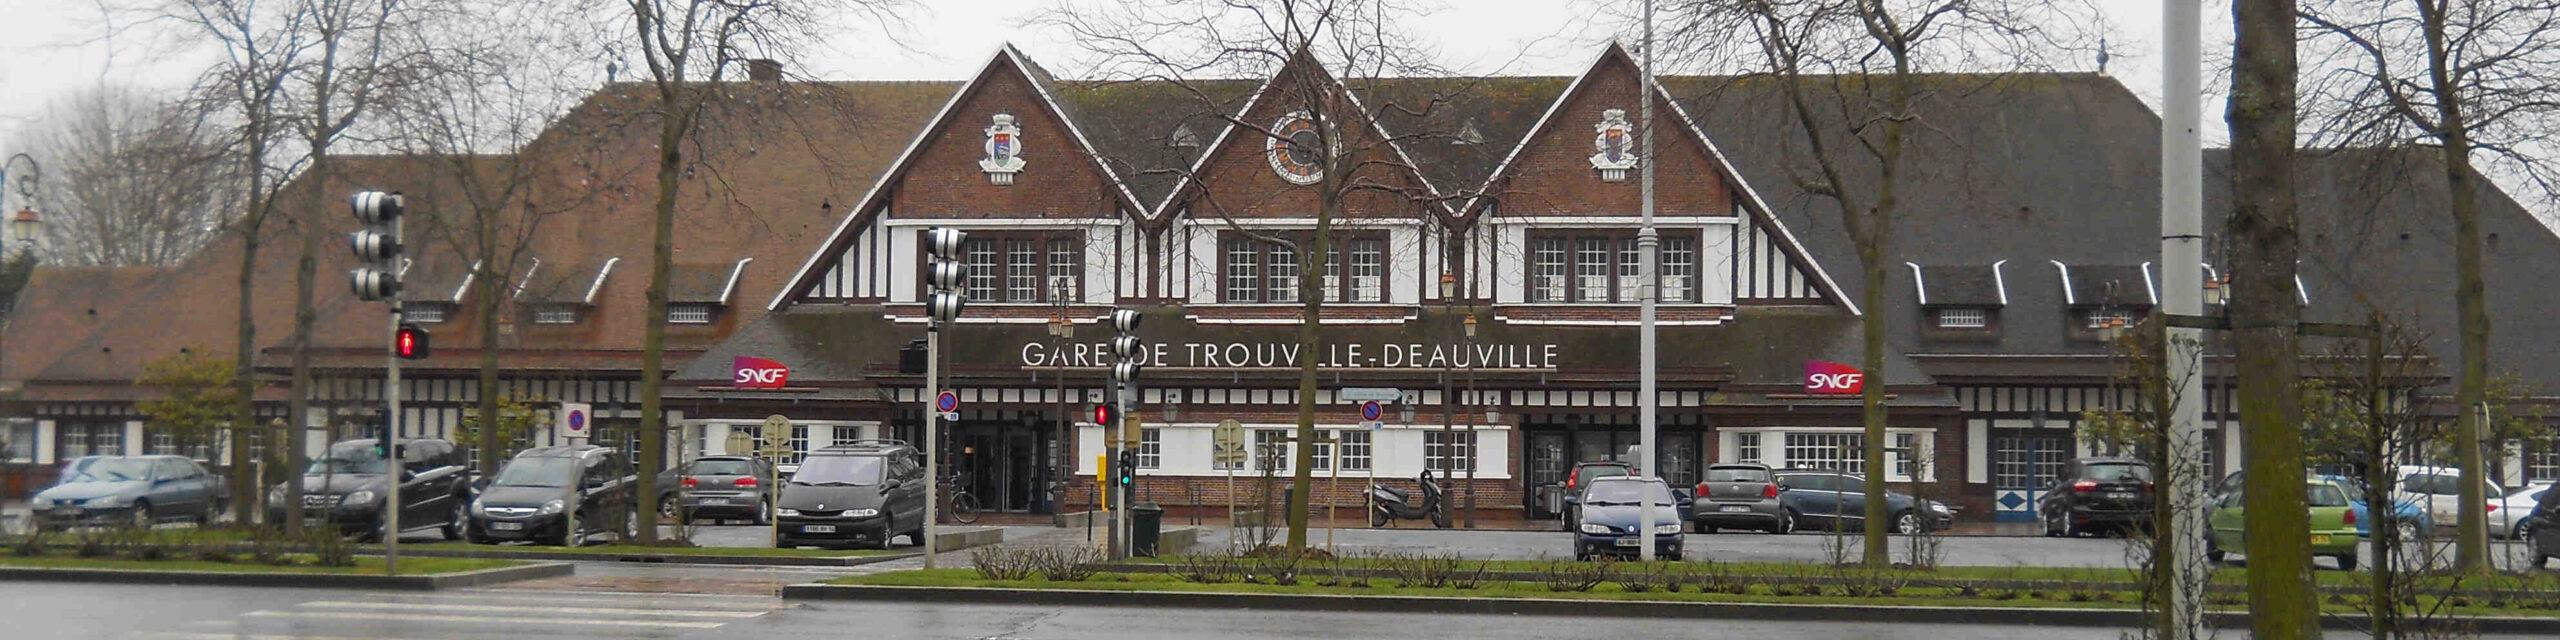 Où se garer gratuitement à Deauville?